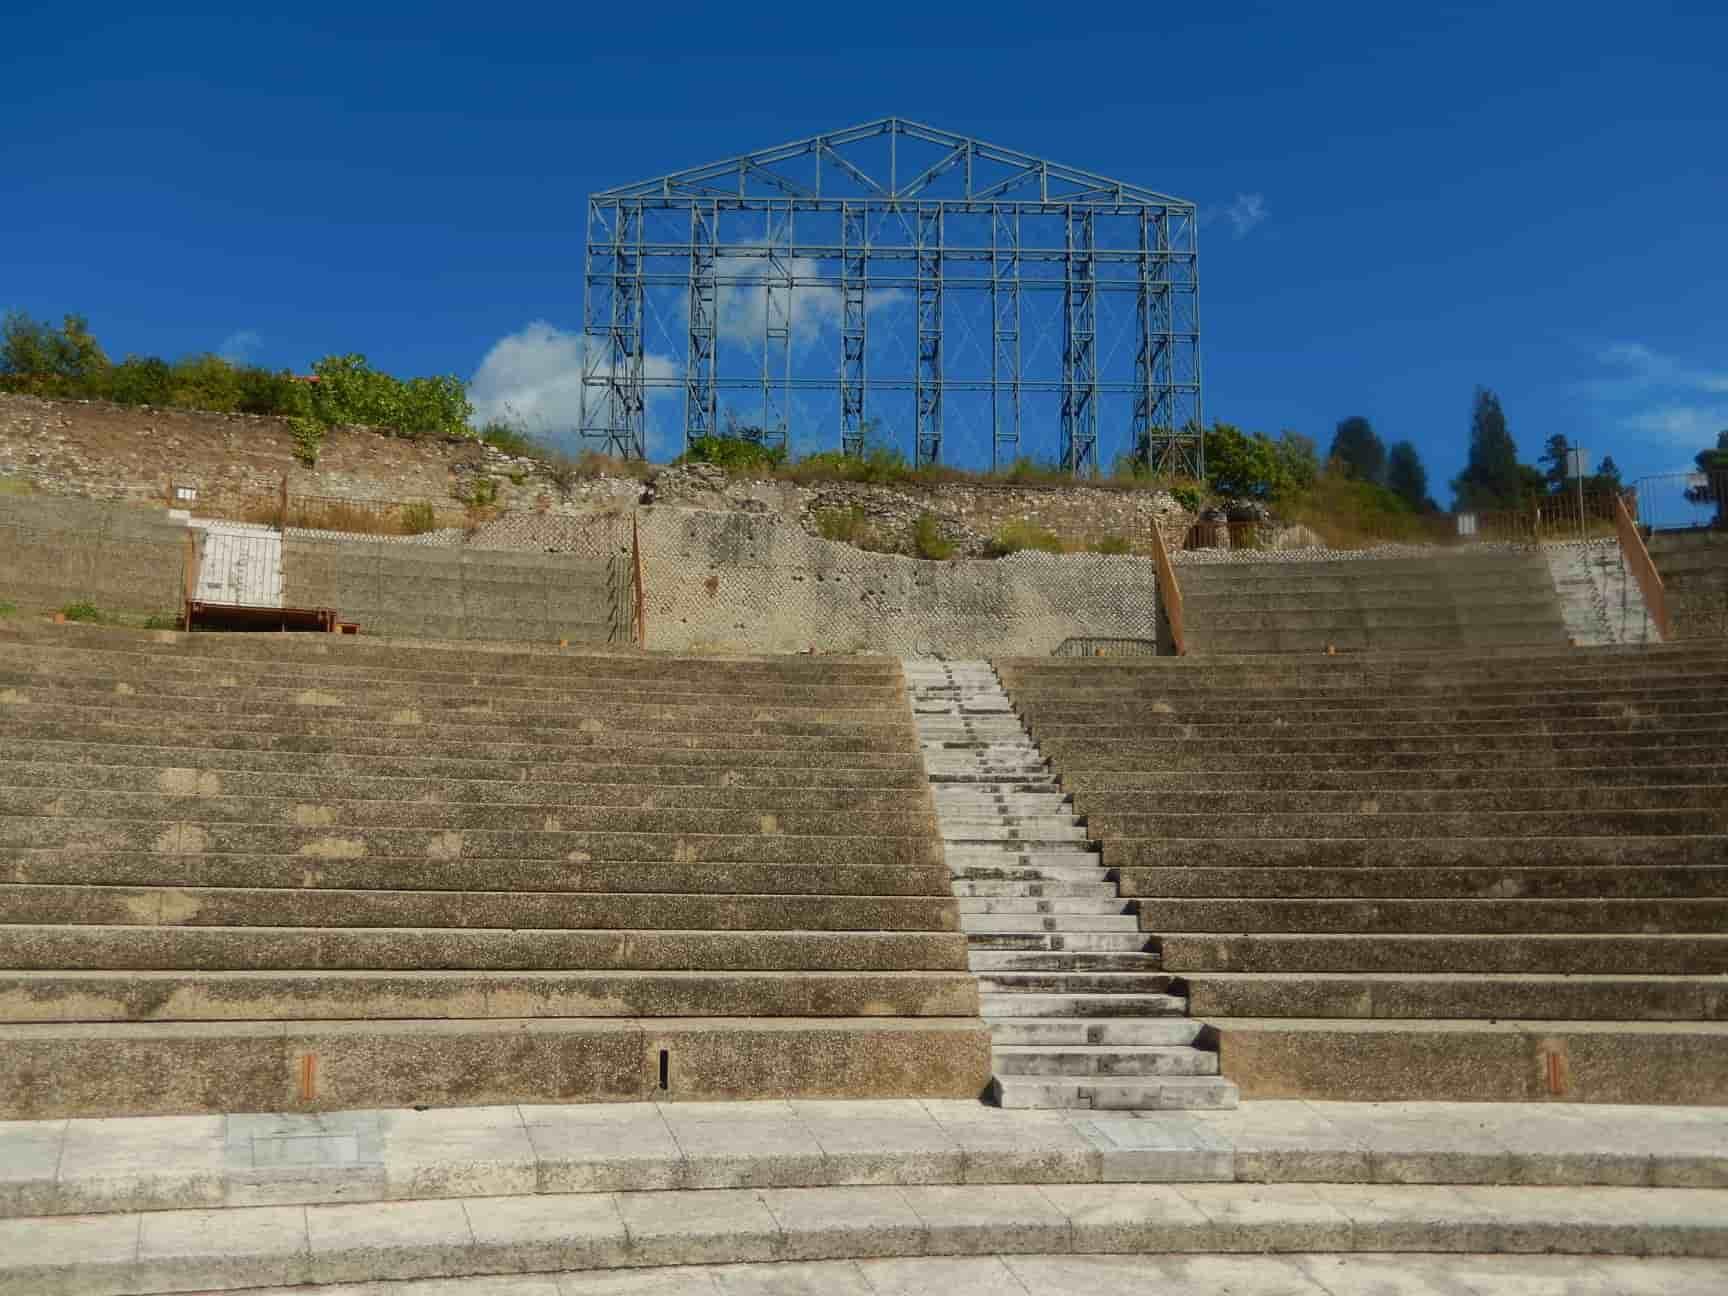 scalinata di un Teatro romano a Tivoli - Santuario di Ercole Vincitore